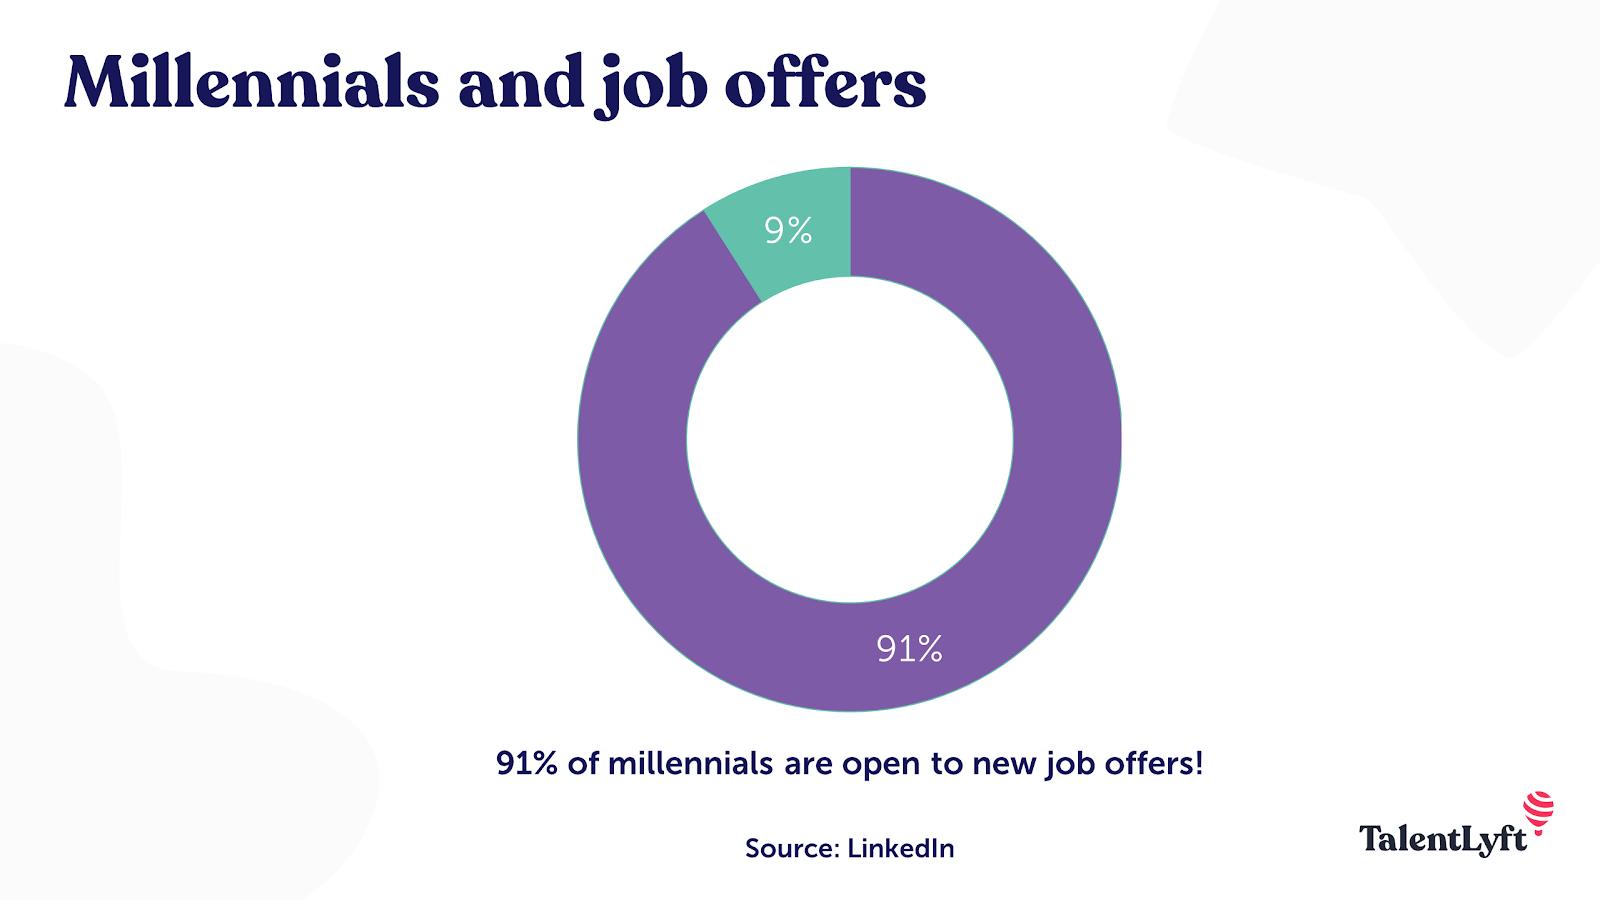 Millennials job offers and job hopping